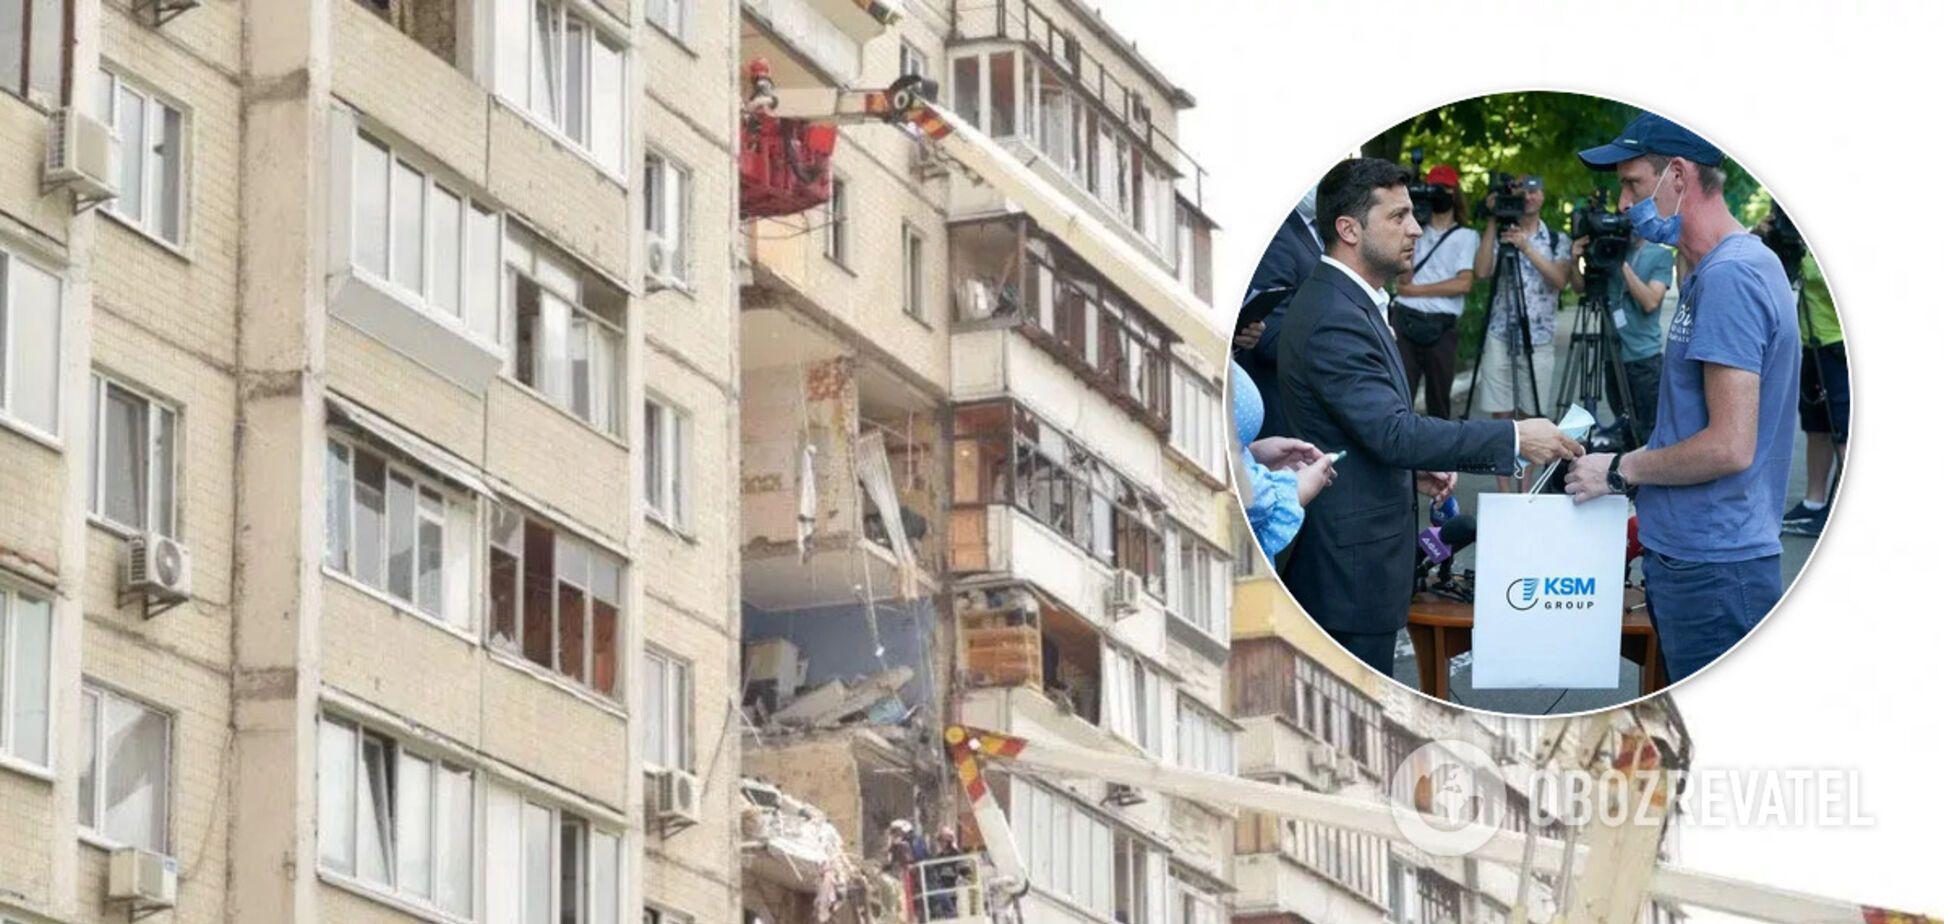 Взрыв дома в Киеве: пострадавшие заявили, что их не пускают в подаренные Зеленским квартиры